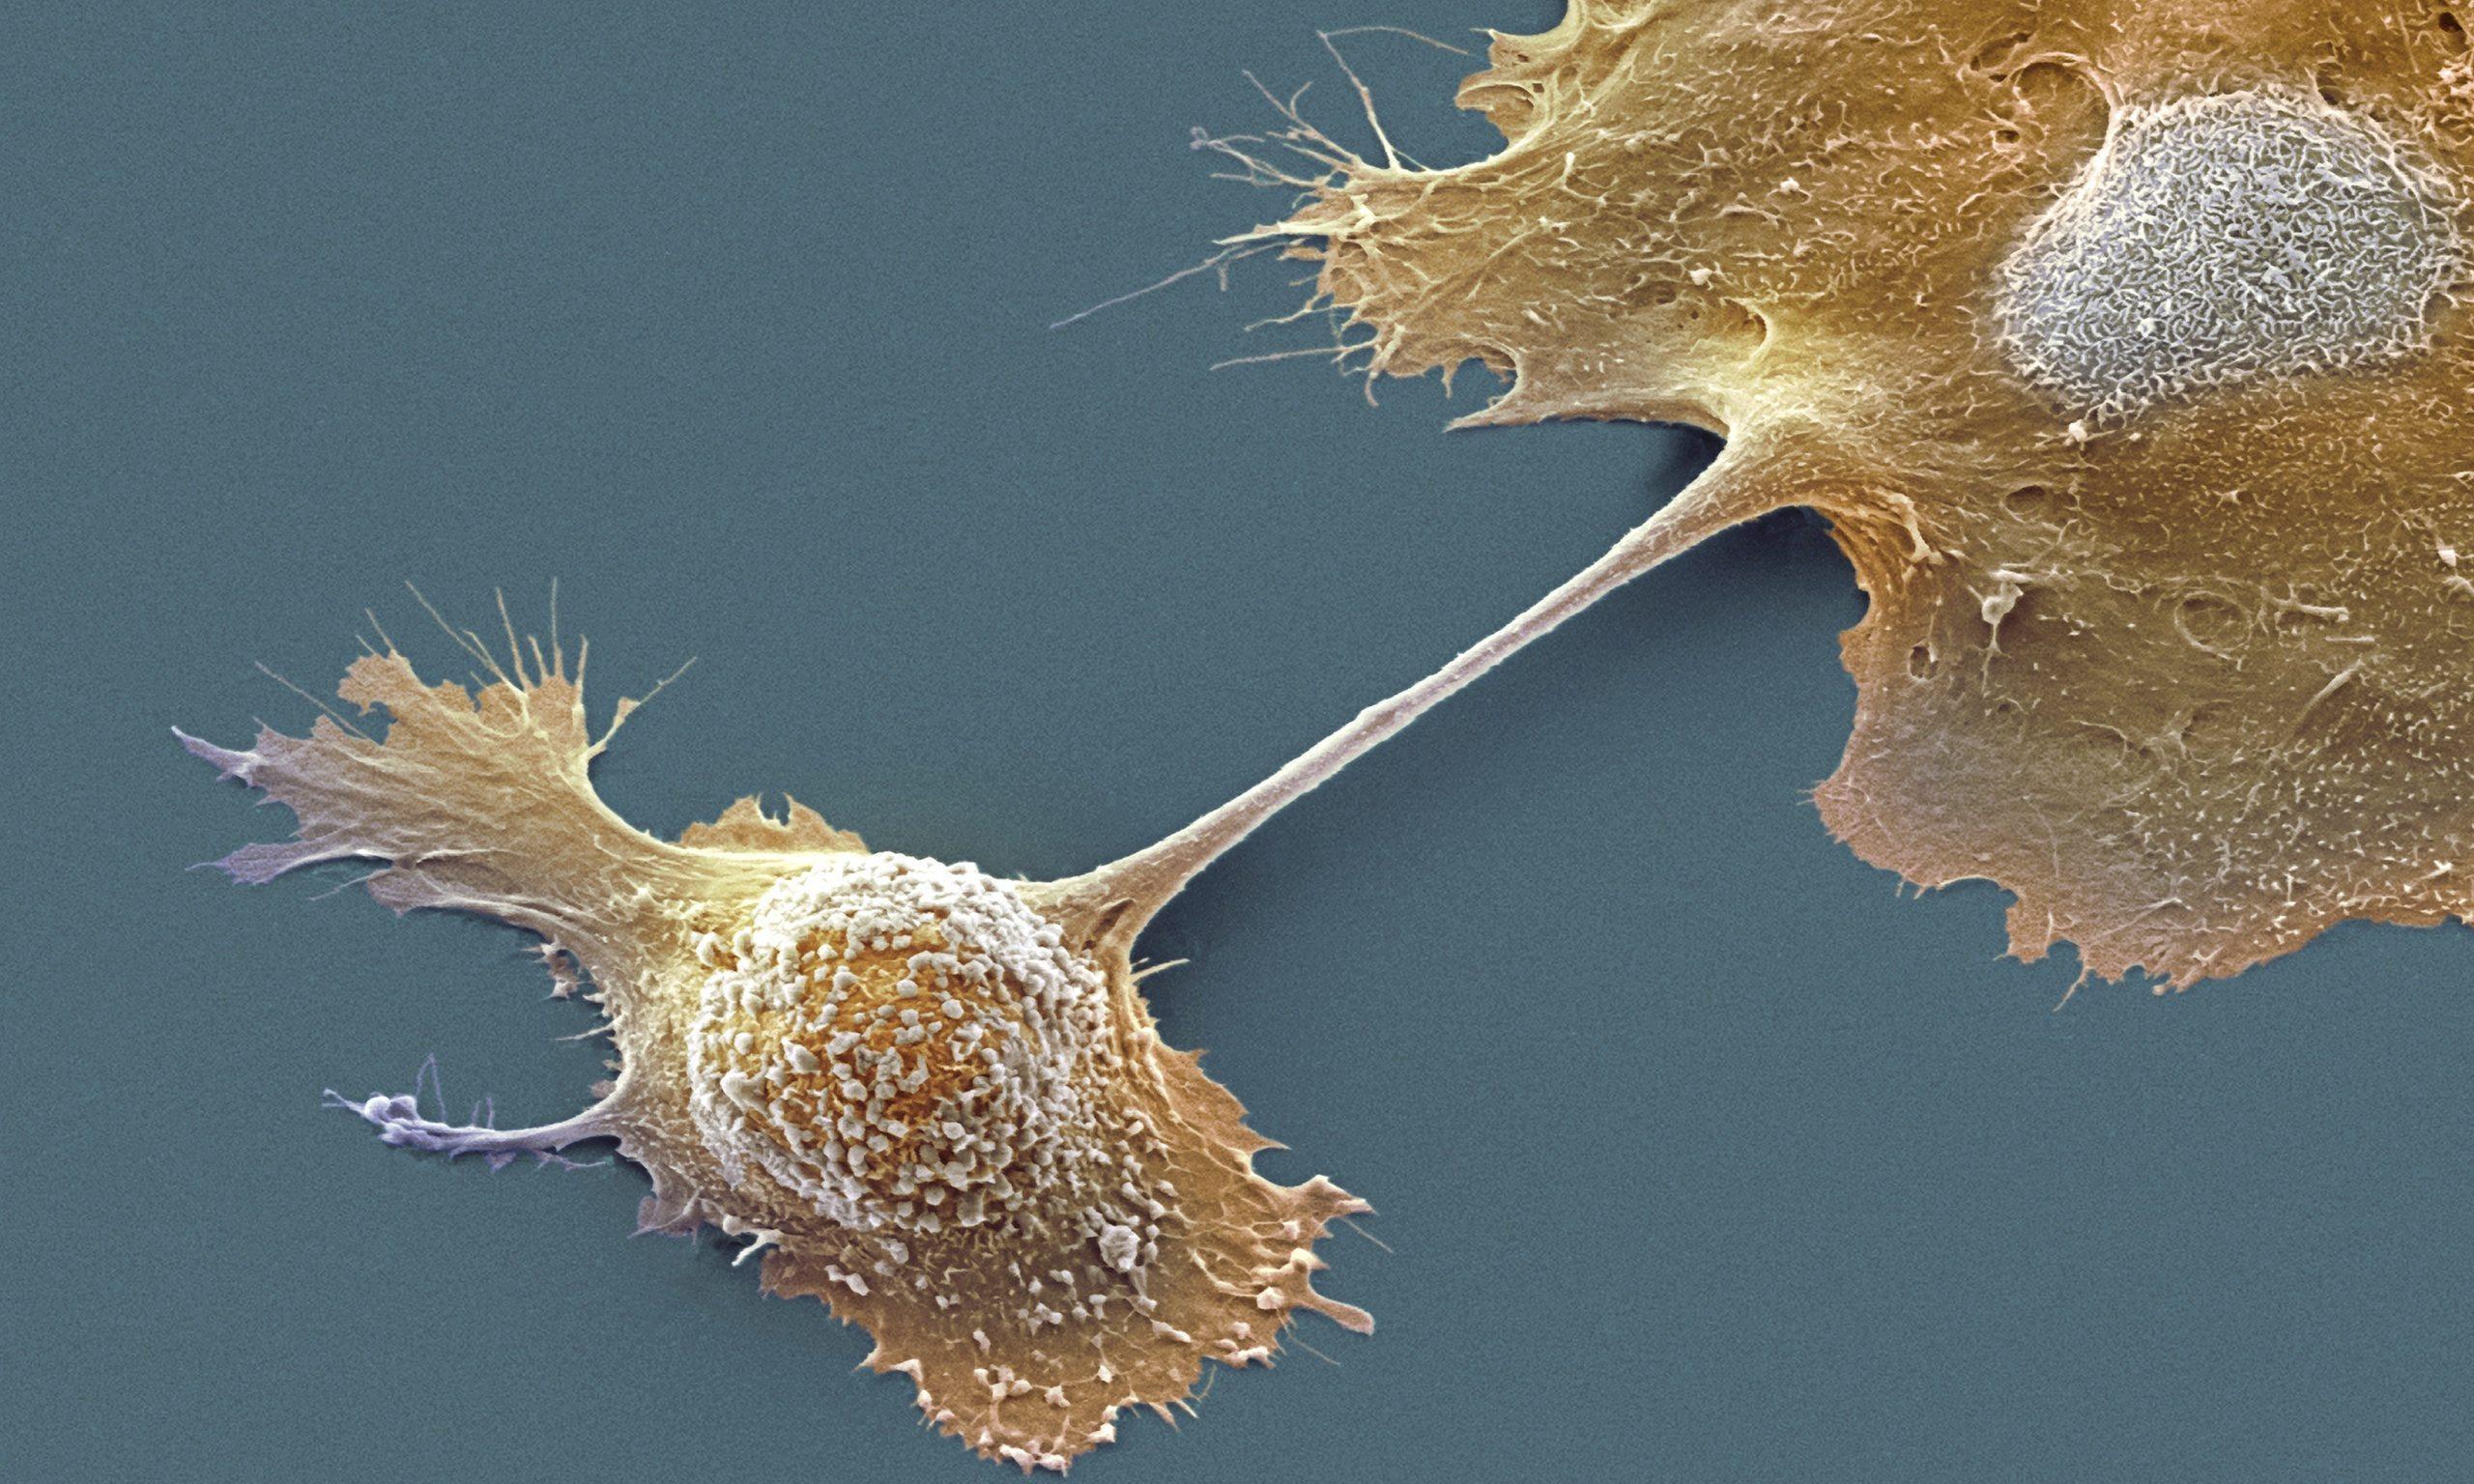 Мышечный белок помогает раковым клеткам много есть